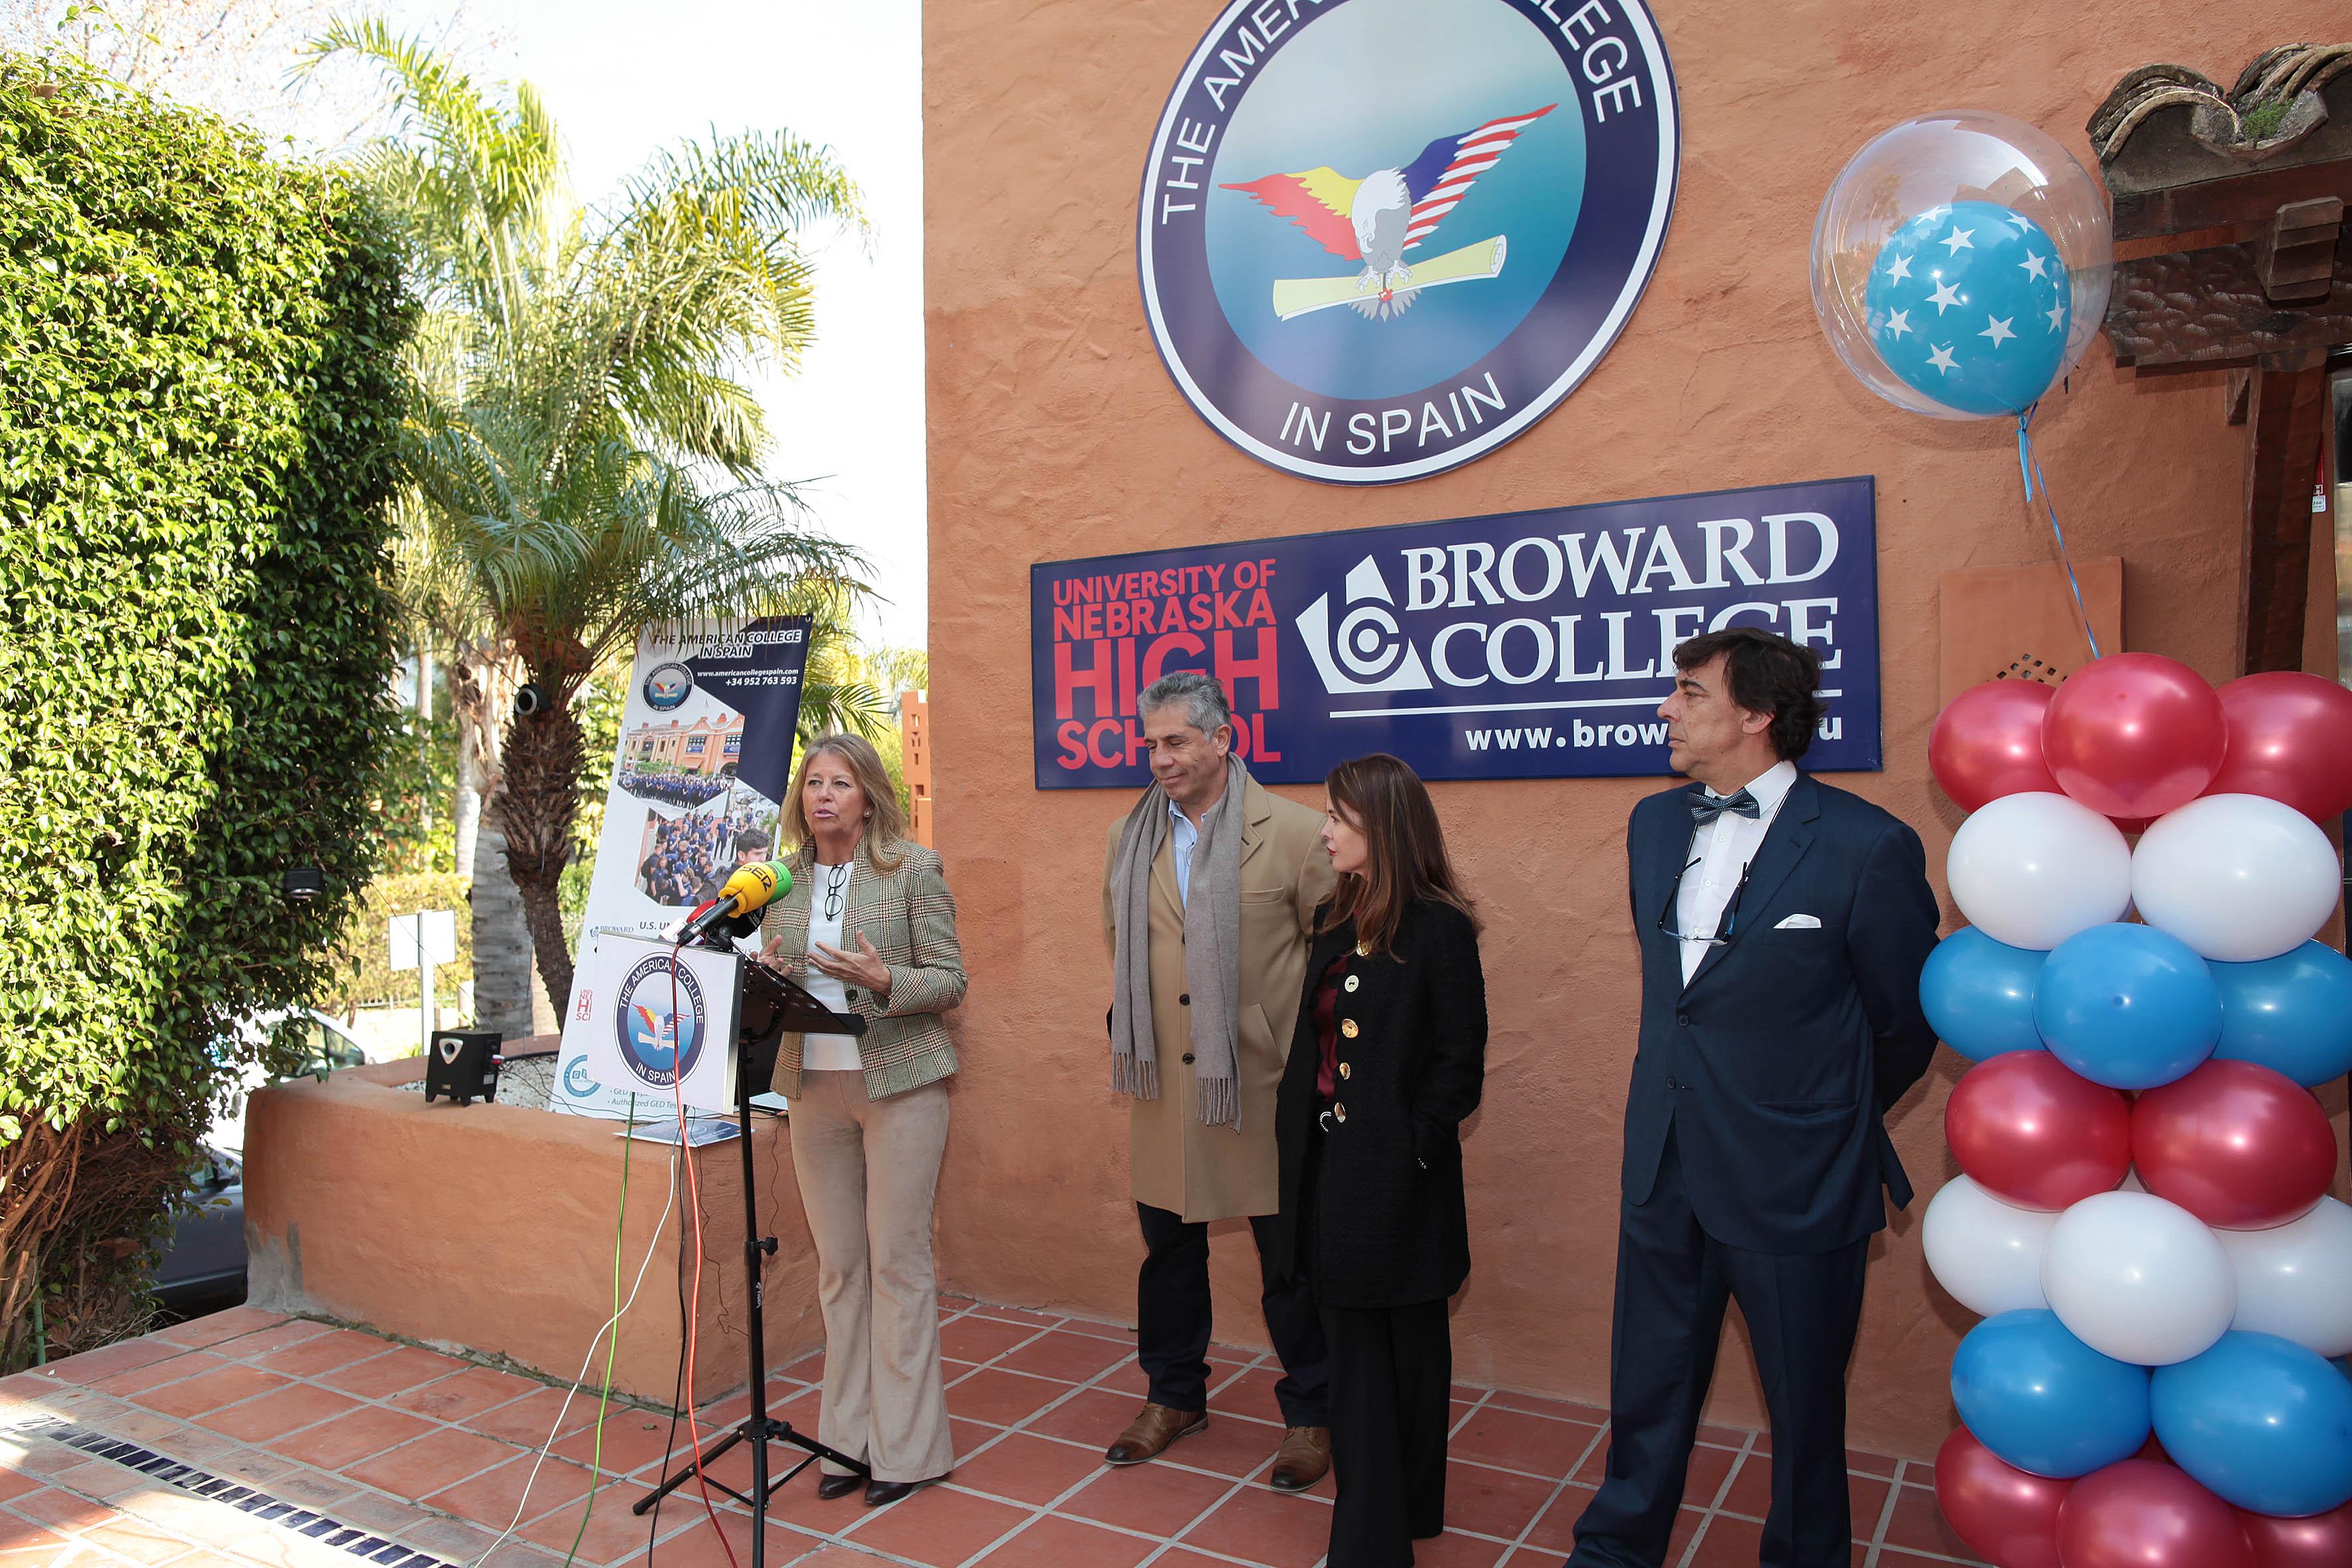 Un momento de la intervención de la alcaldesa, Ángeles Muñoz, acompañada por Melissa Butler